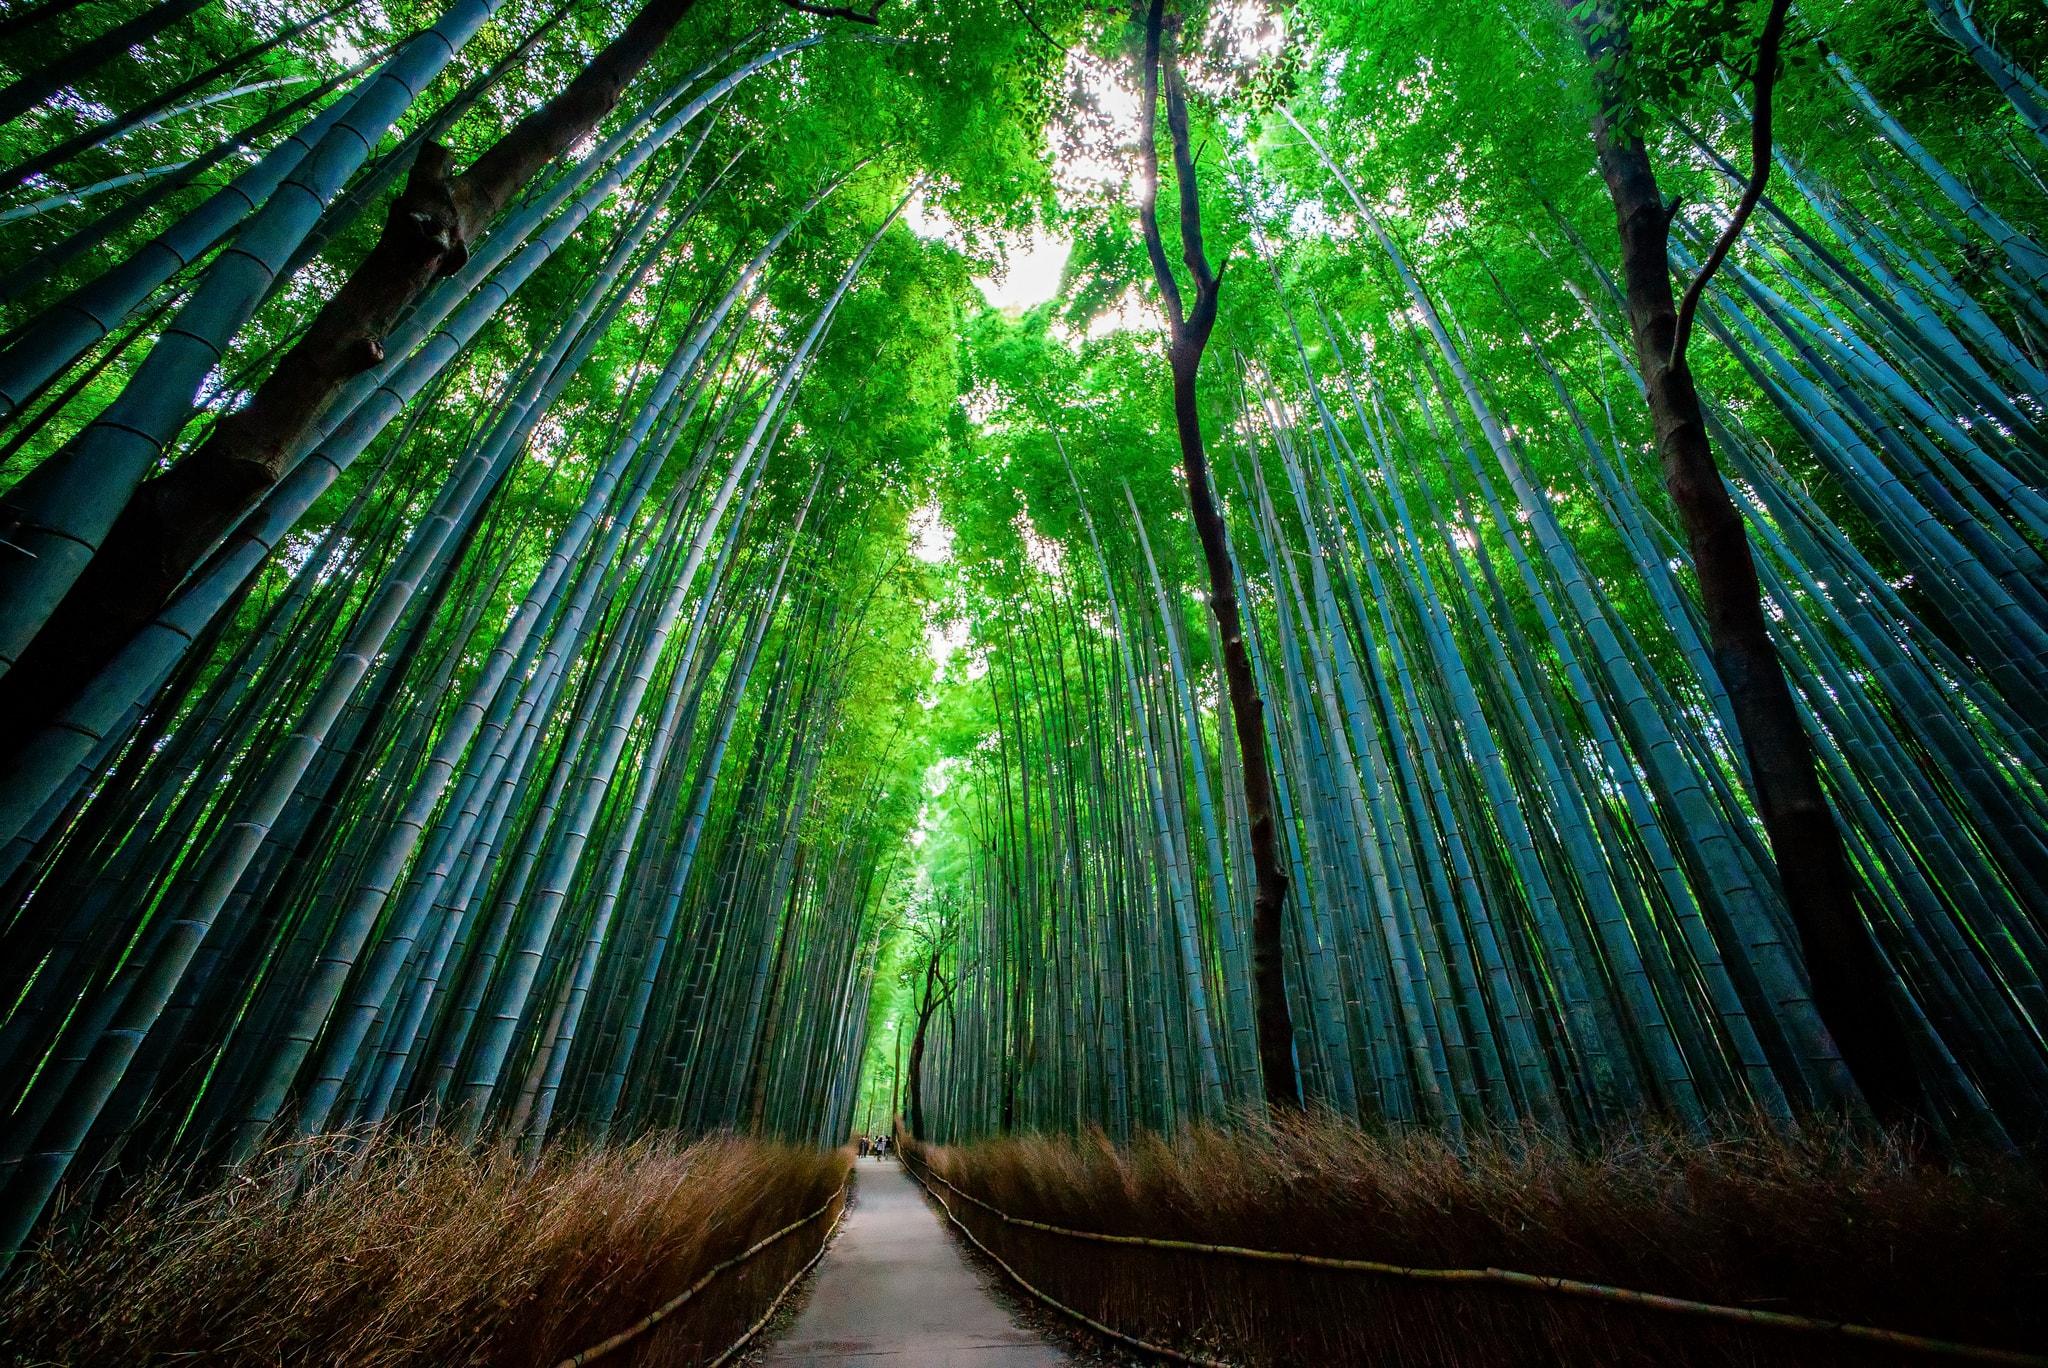 Sagano Bamboo Forest Kyoto Japan